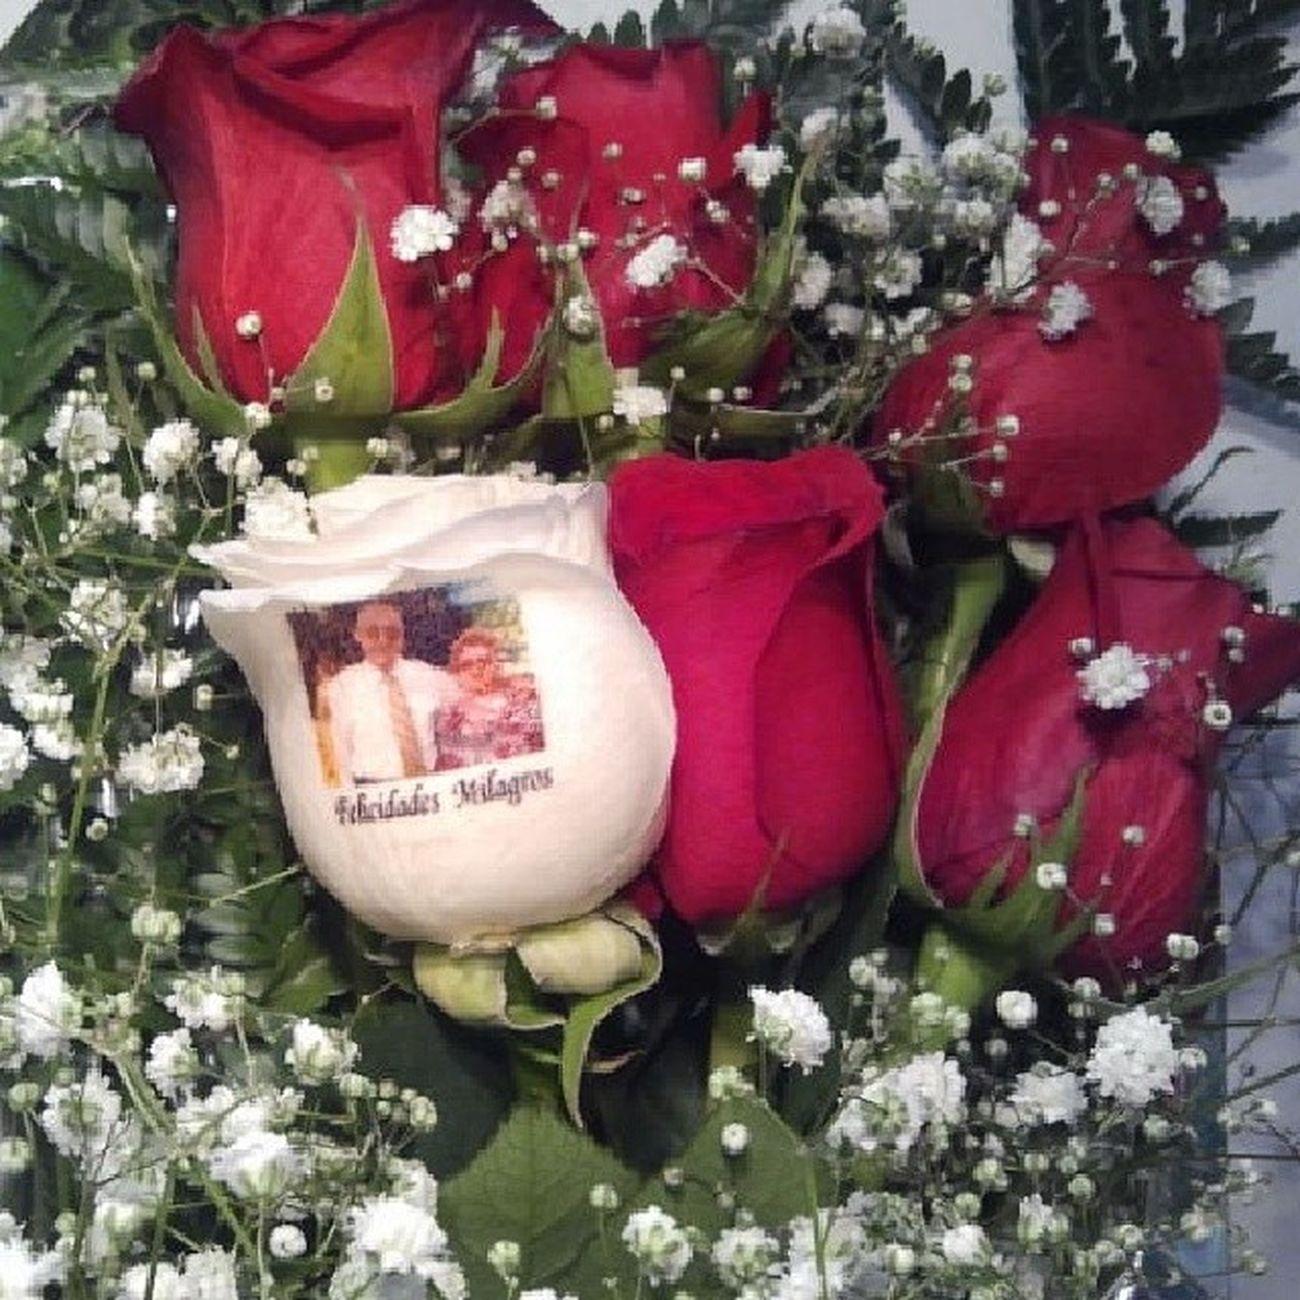 Ramoderosas de www.graficflower.com, son seis Rosas una de ellas con el petalo tatuado con una fotografia y una dedicatoria, Graficflower es la Floristería mas original del mercado de las Floresonline , visitanos y sorprendelos